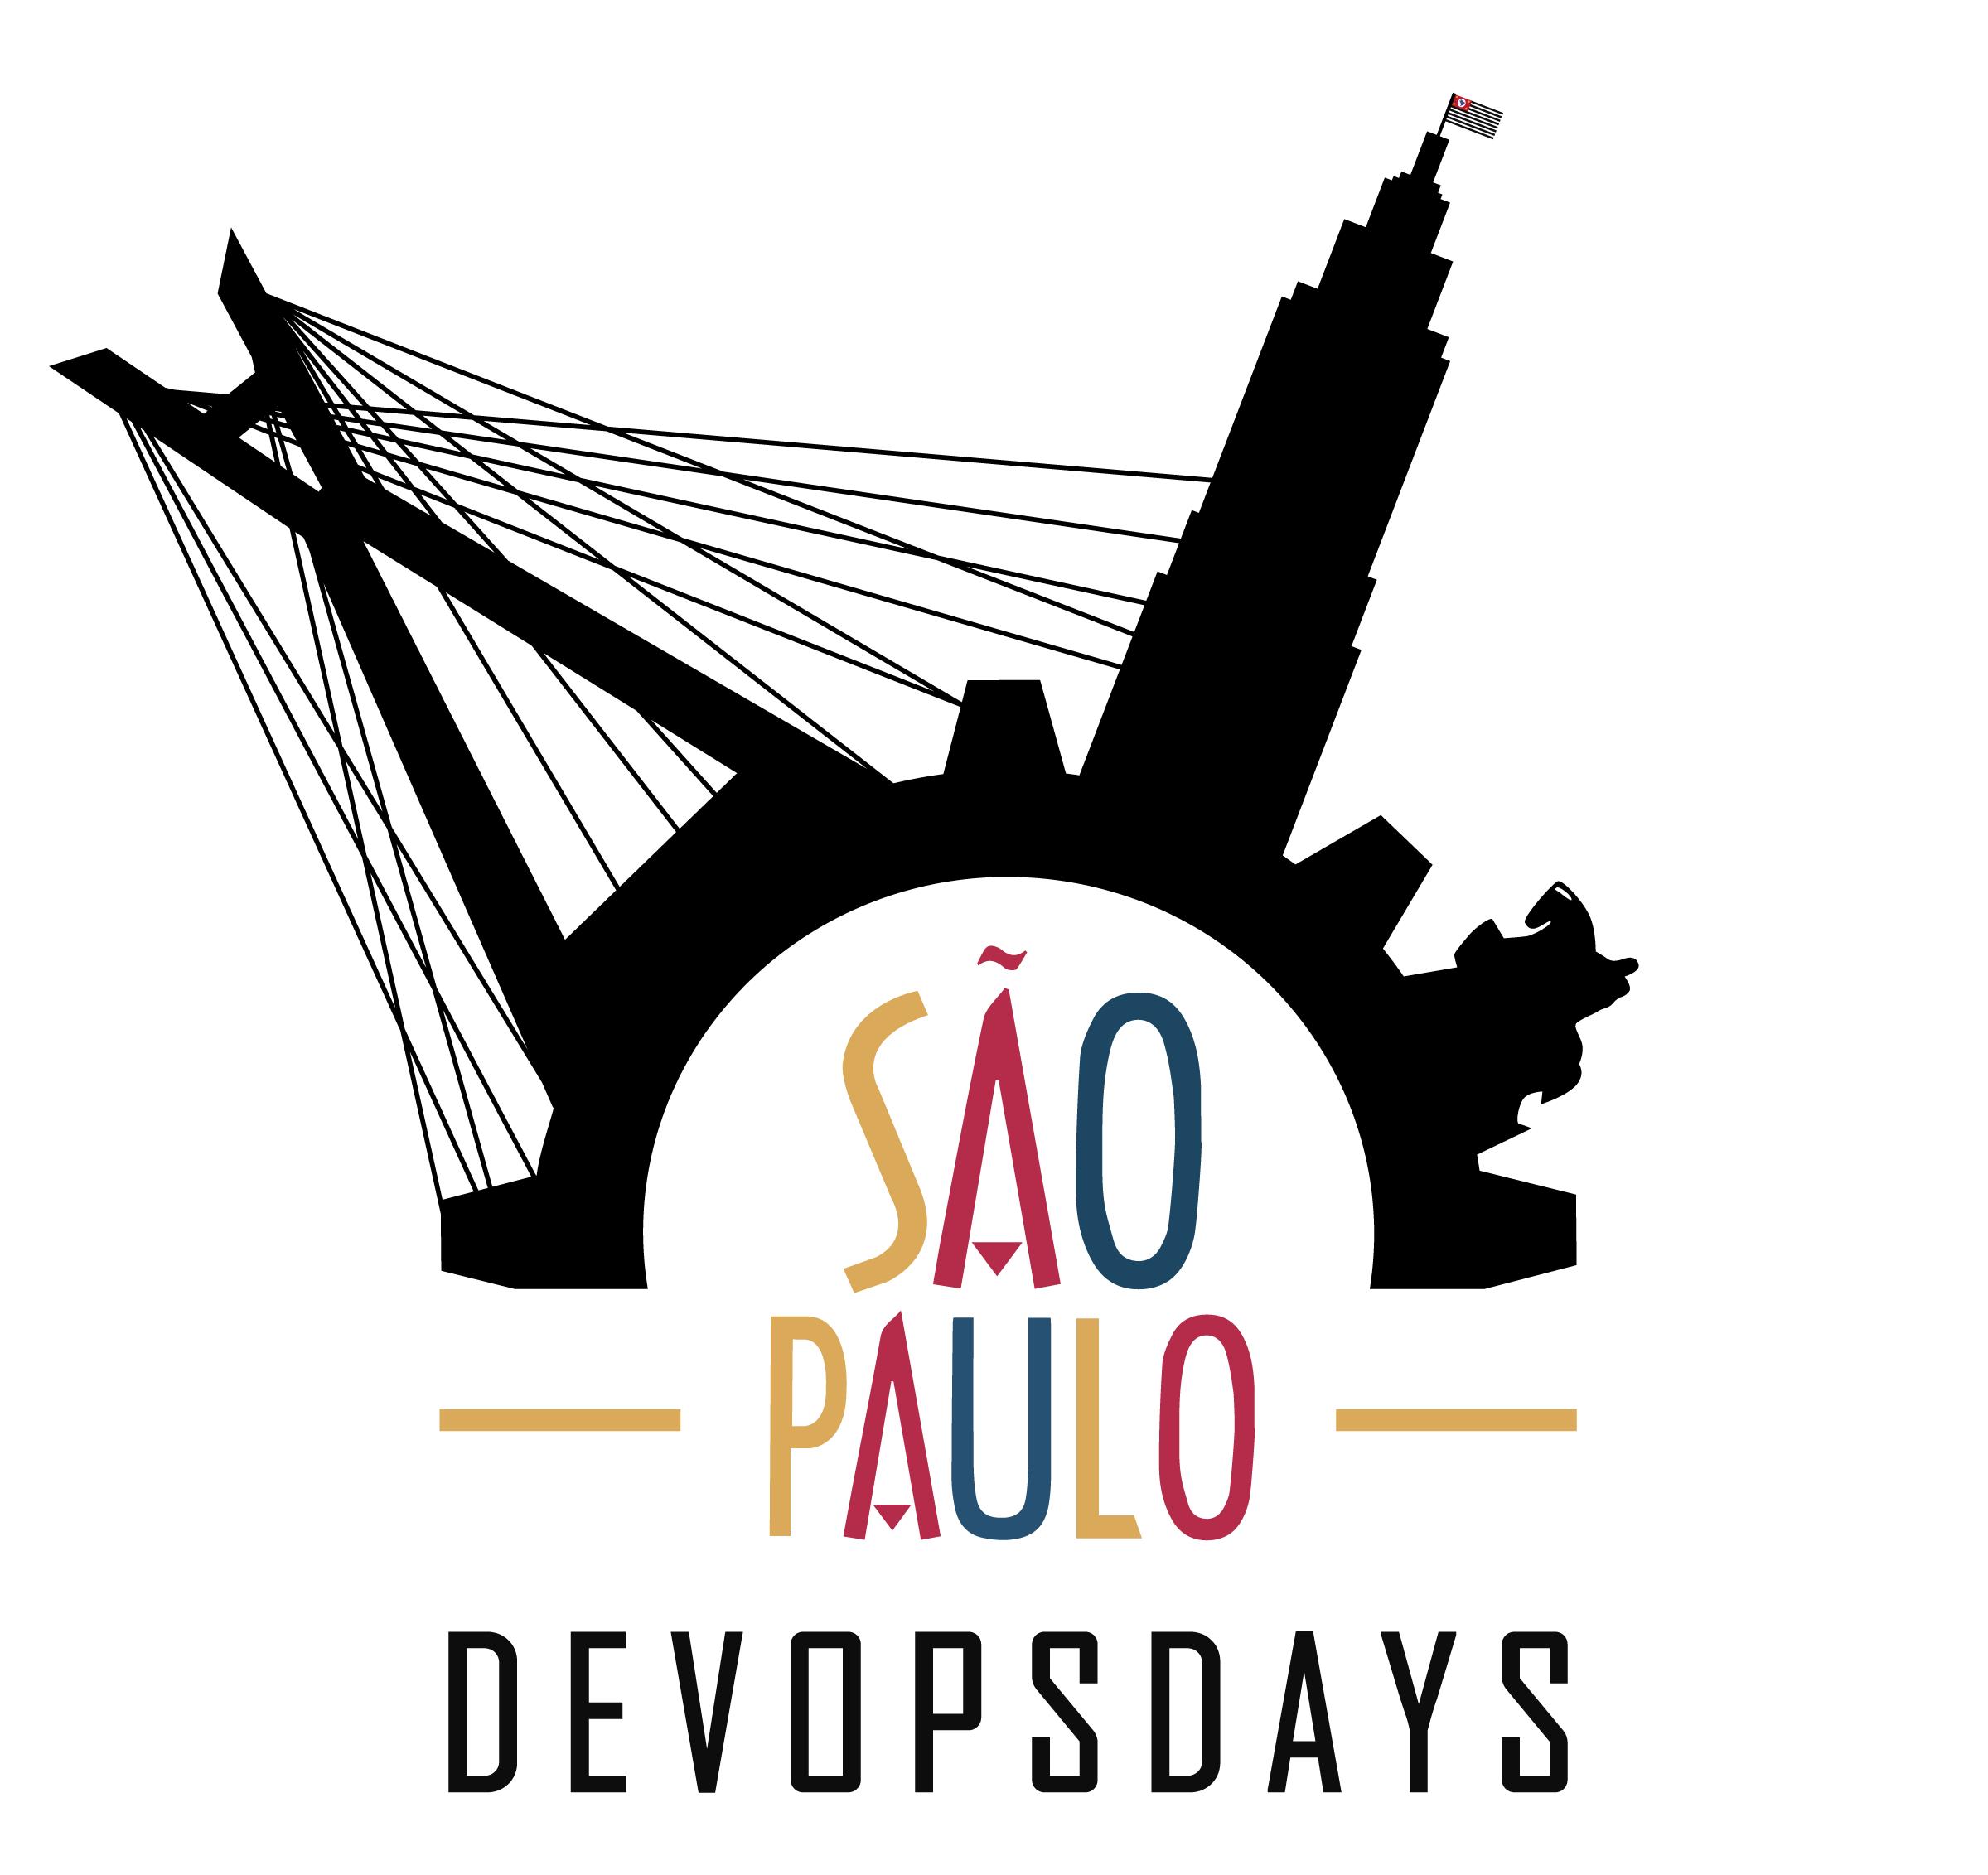 devopsdays São Paulo 2019